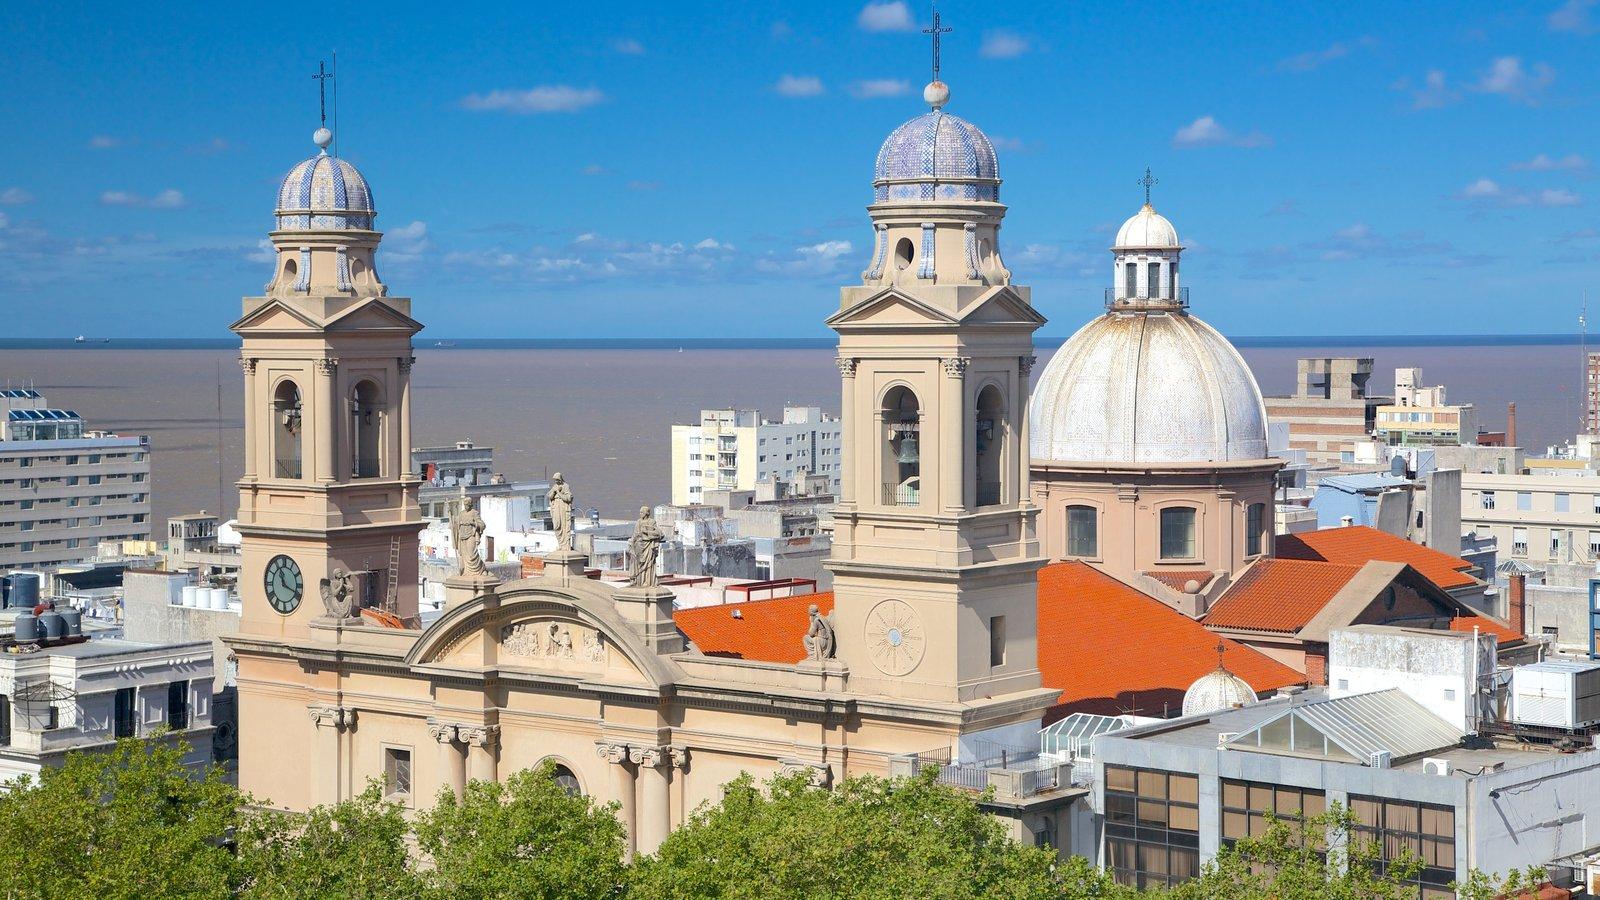 Catedral de Montevideo que inclui elementos religiosos, uma igreja ou catedral e uma cidade